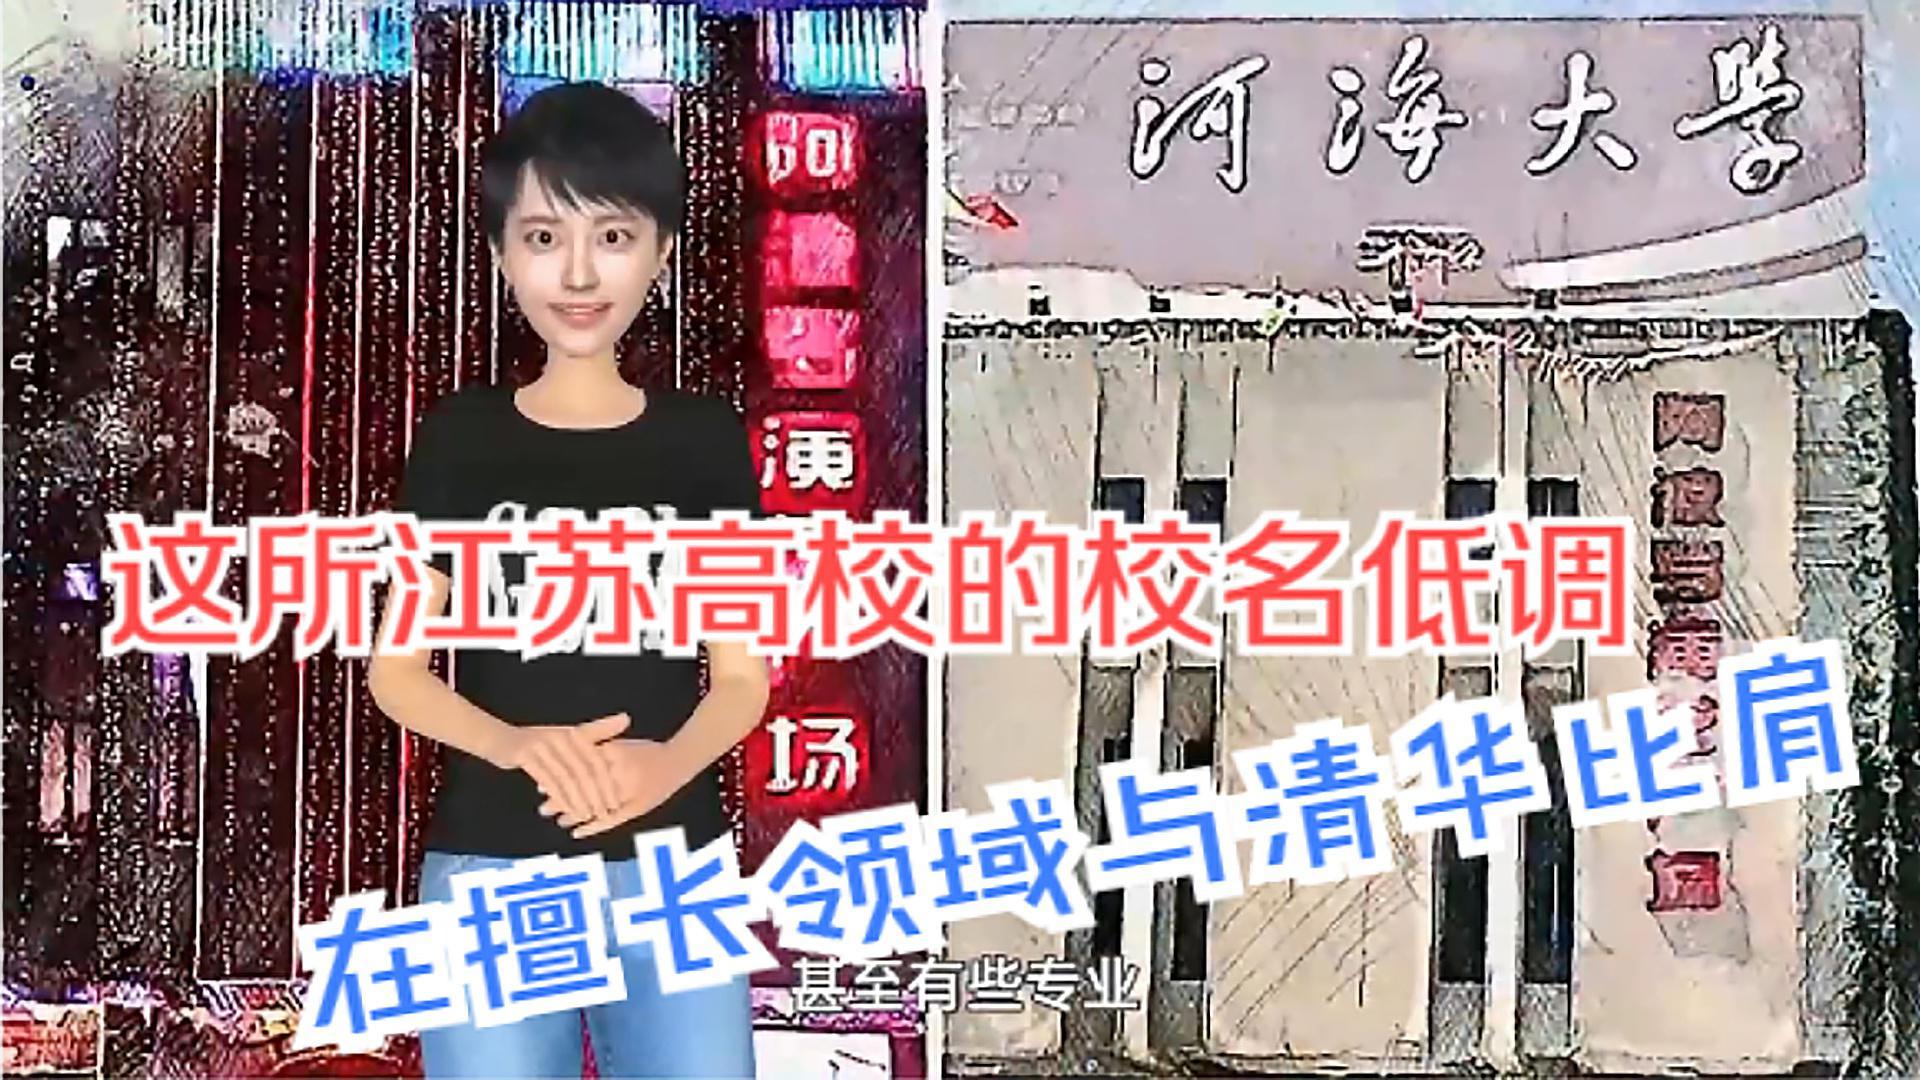 这所江苏高校的校名低调,在擅长领域与清华比肩